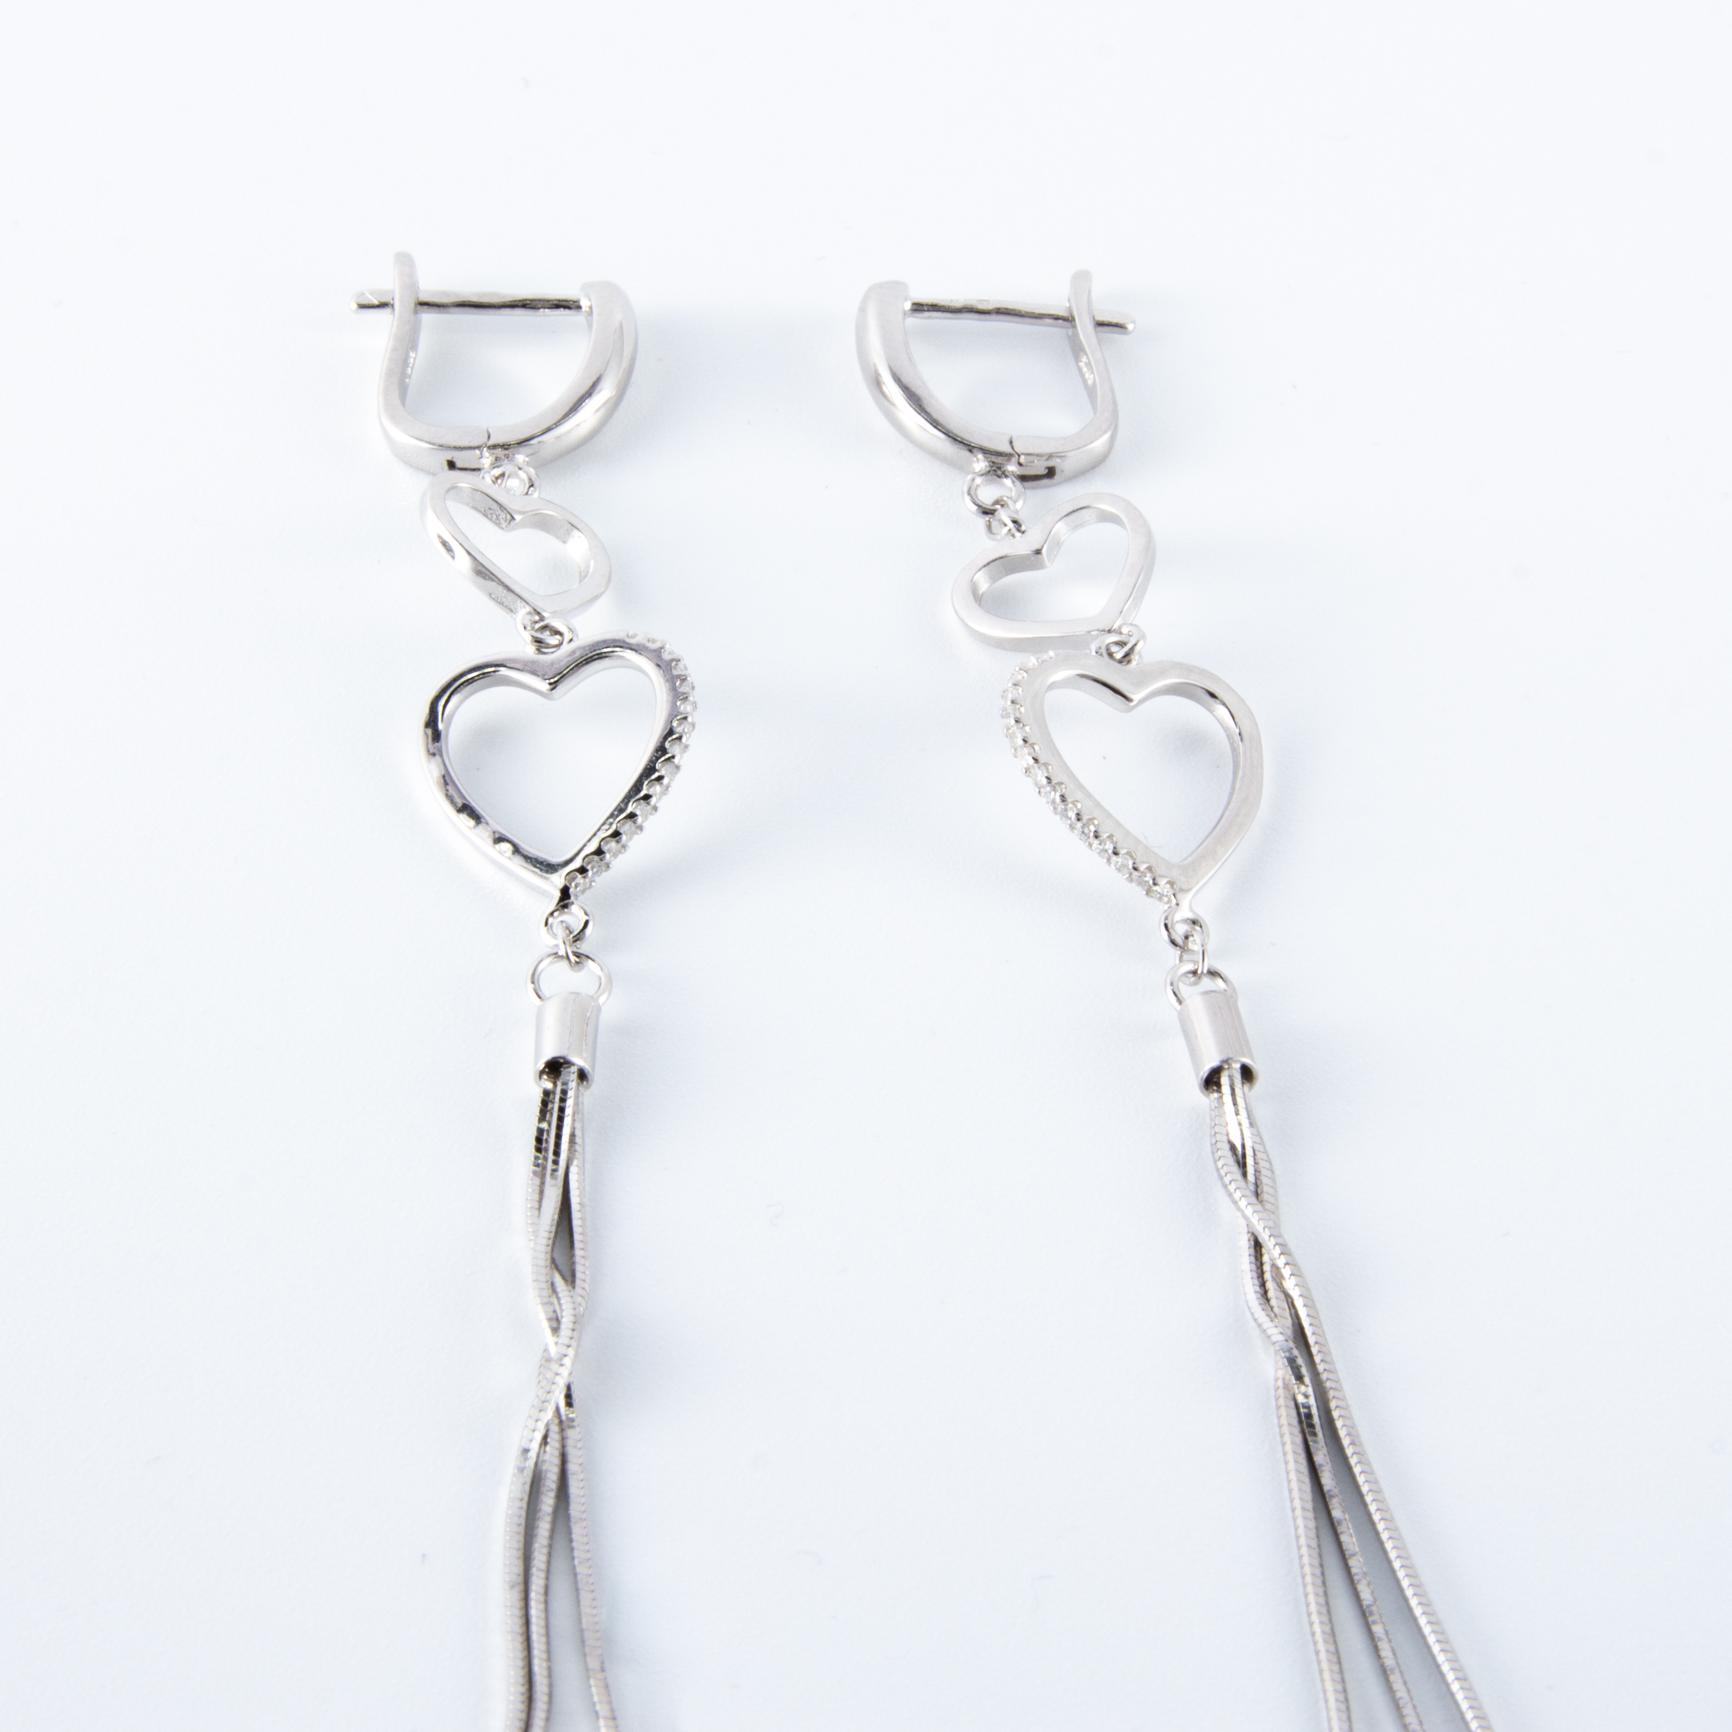 kiváló árak óriási kedvezmény olcsó ár Ezüst lógós fülbevaló - Merci Design